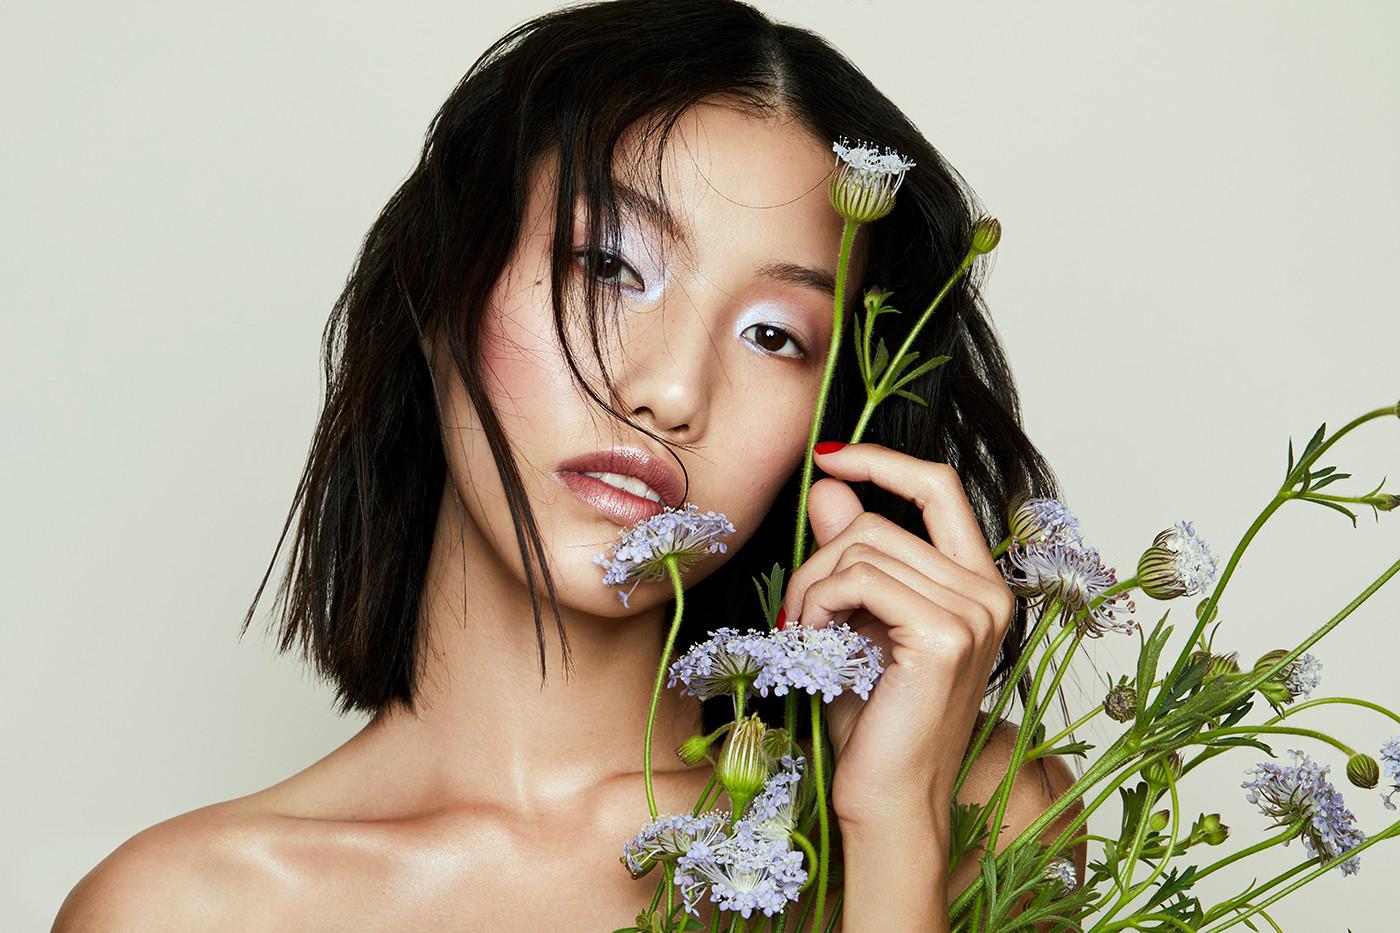 Mikaela_Floral-30421.jpg